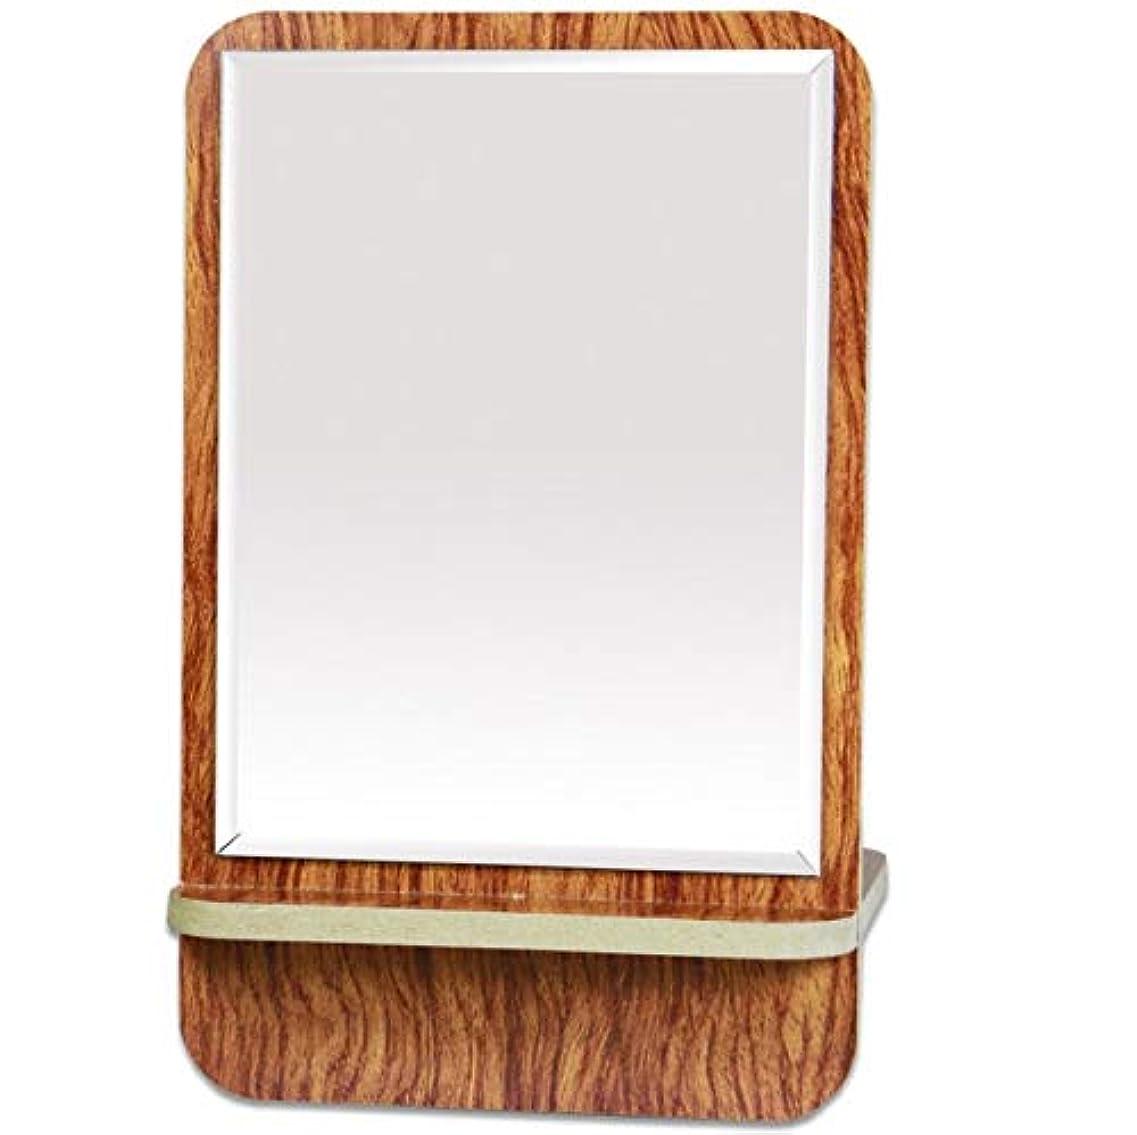 十年認可熱意化粧鏡、木製の鏡、デスクトップ化粧鏡、化粧ギフト